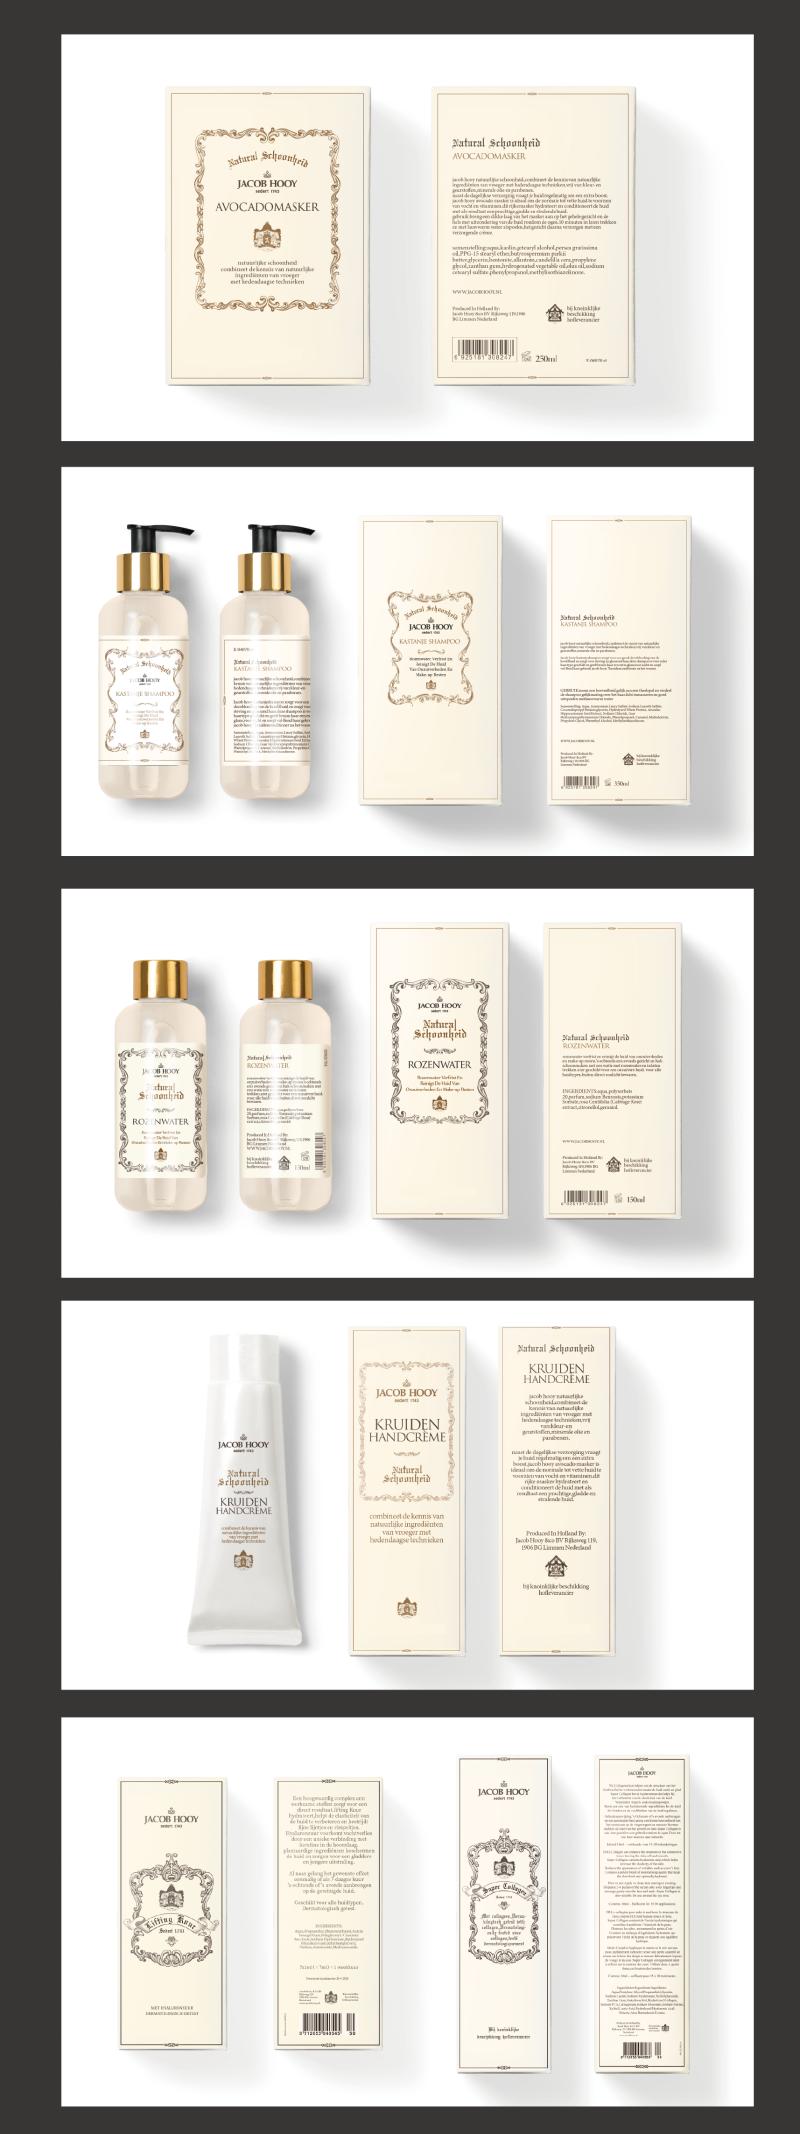 雅格布·赫伊产品包装设计